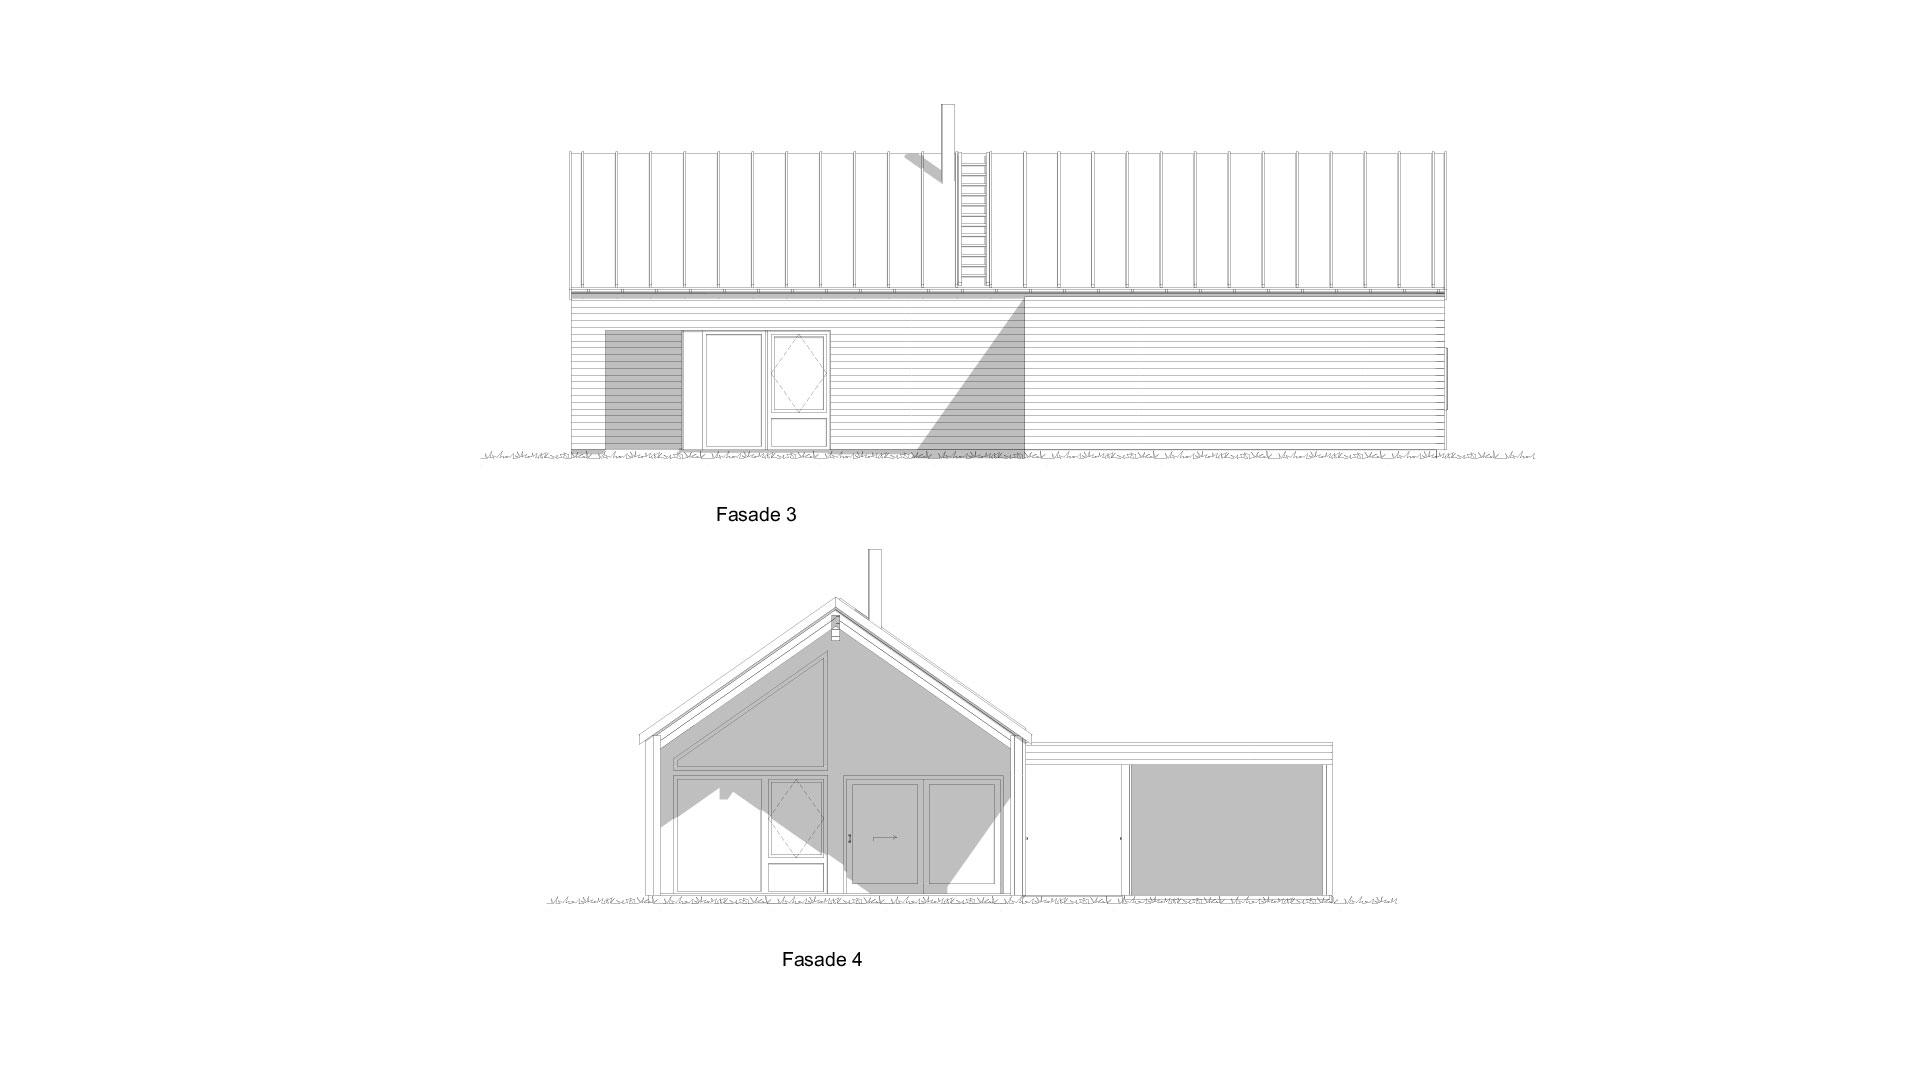 Knerten_Fasade3-4.jpg